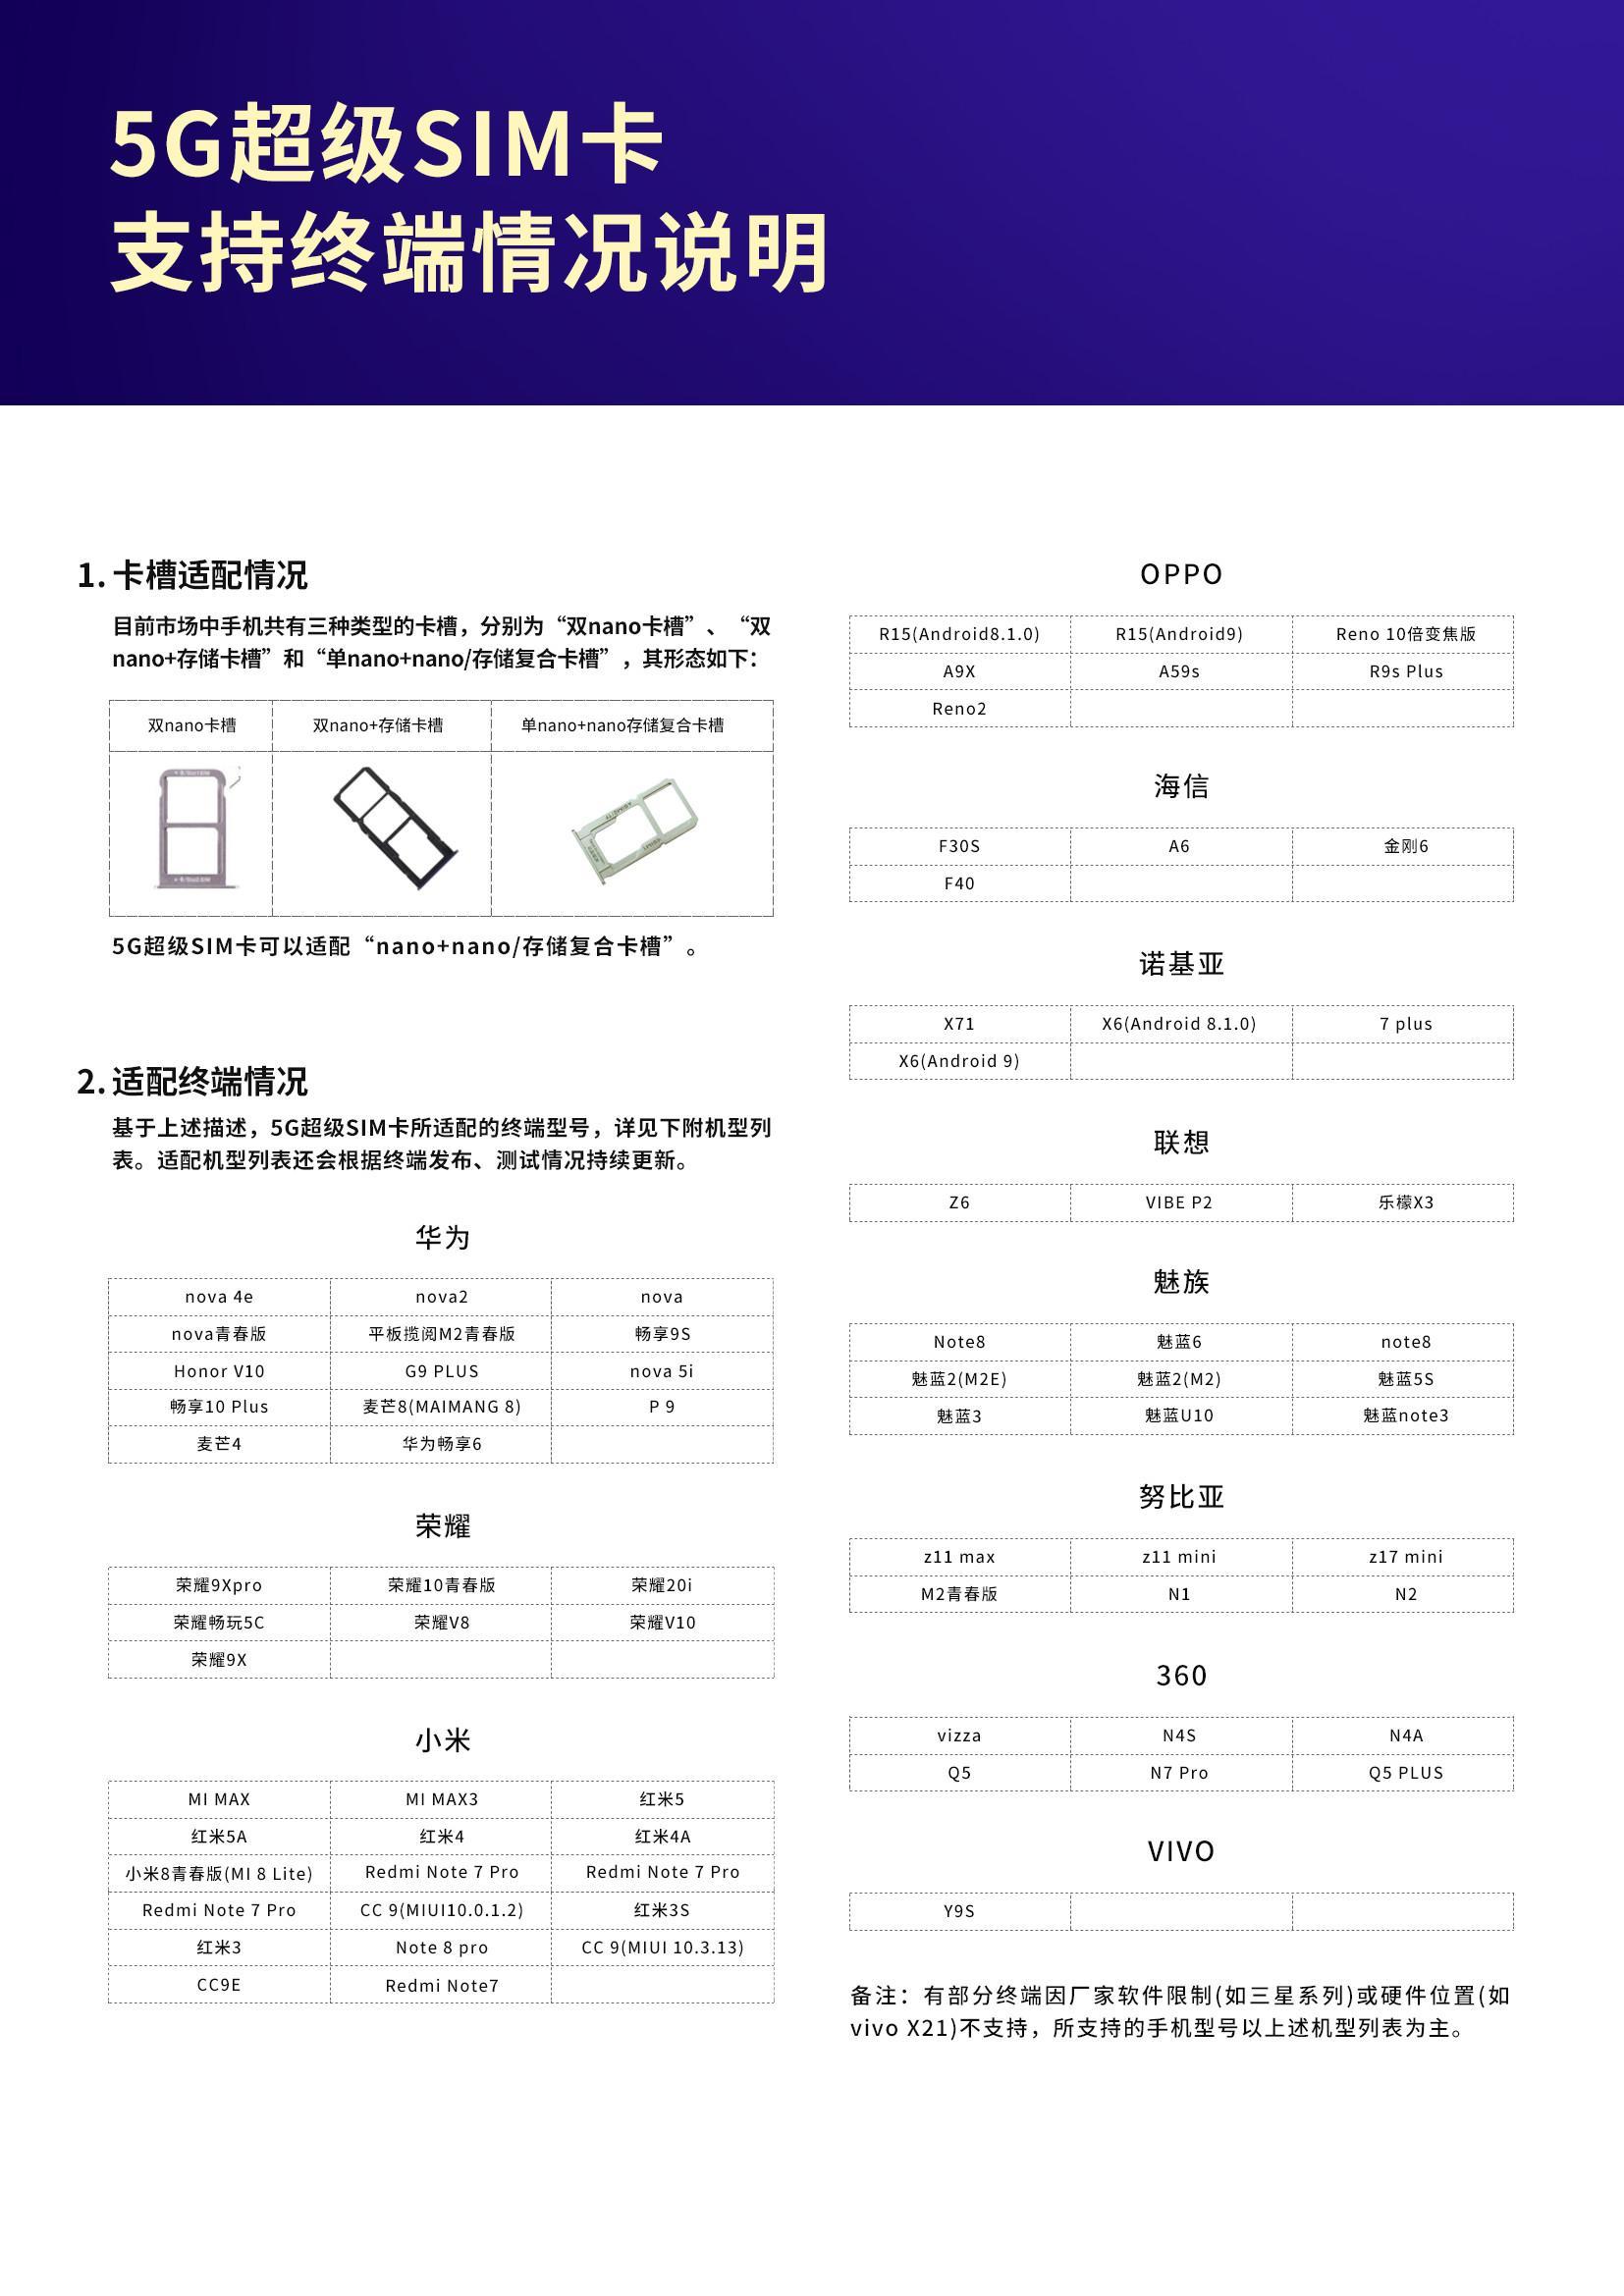 紫光5G超级SIM卡今日开卖,未适配苹果机型